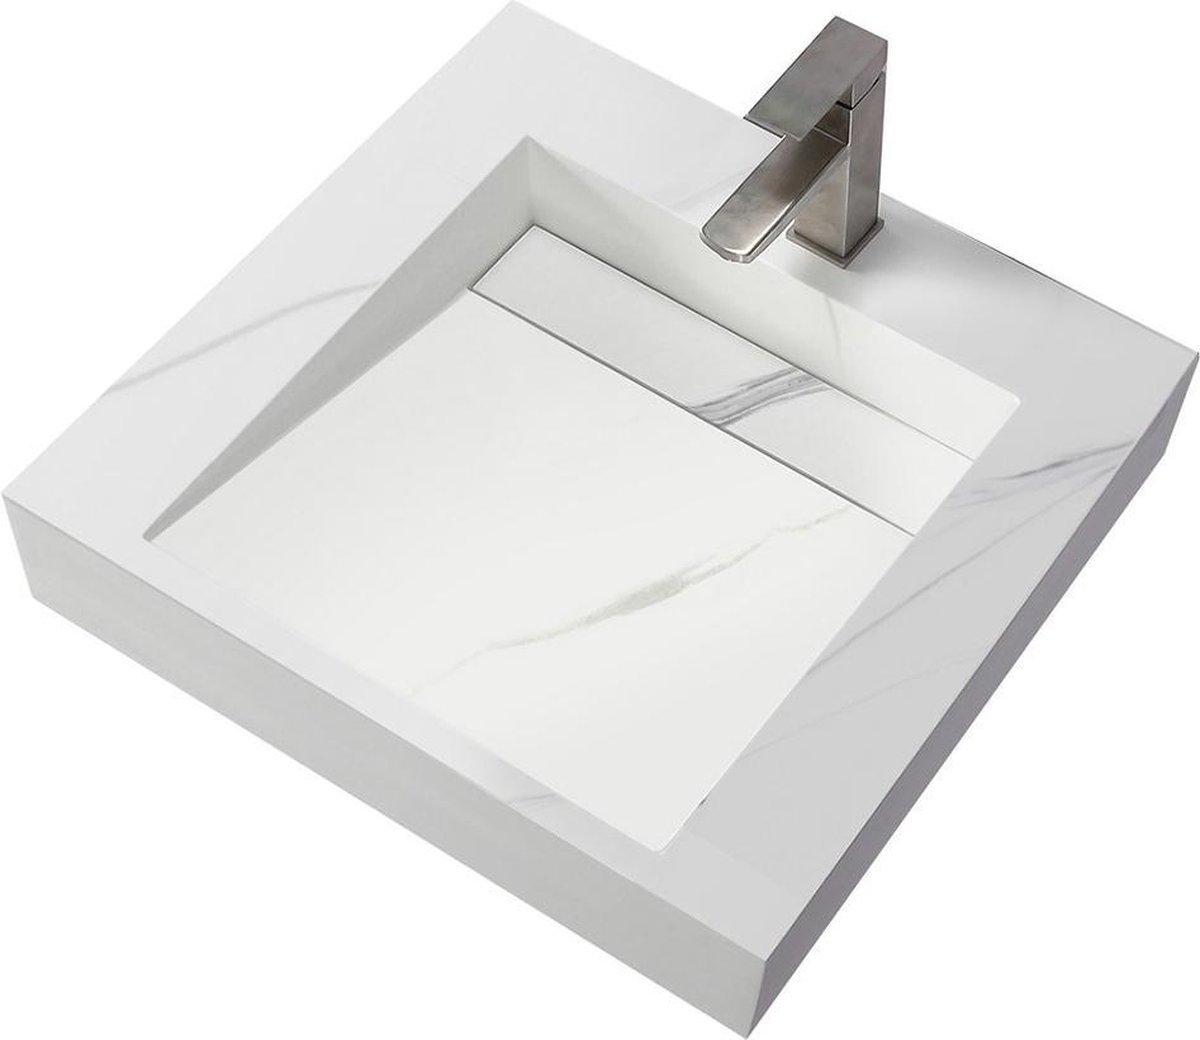 Wastafel Hangend Marble Rechthoek 60.2x45.2x8cm Solid Surface Marmerlook Wit Zonder Kraangat